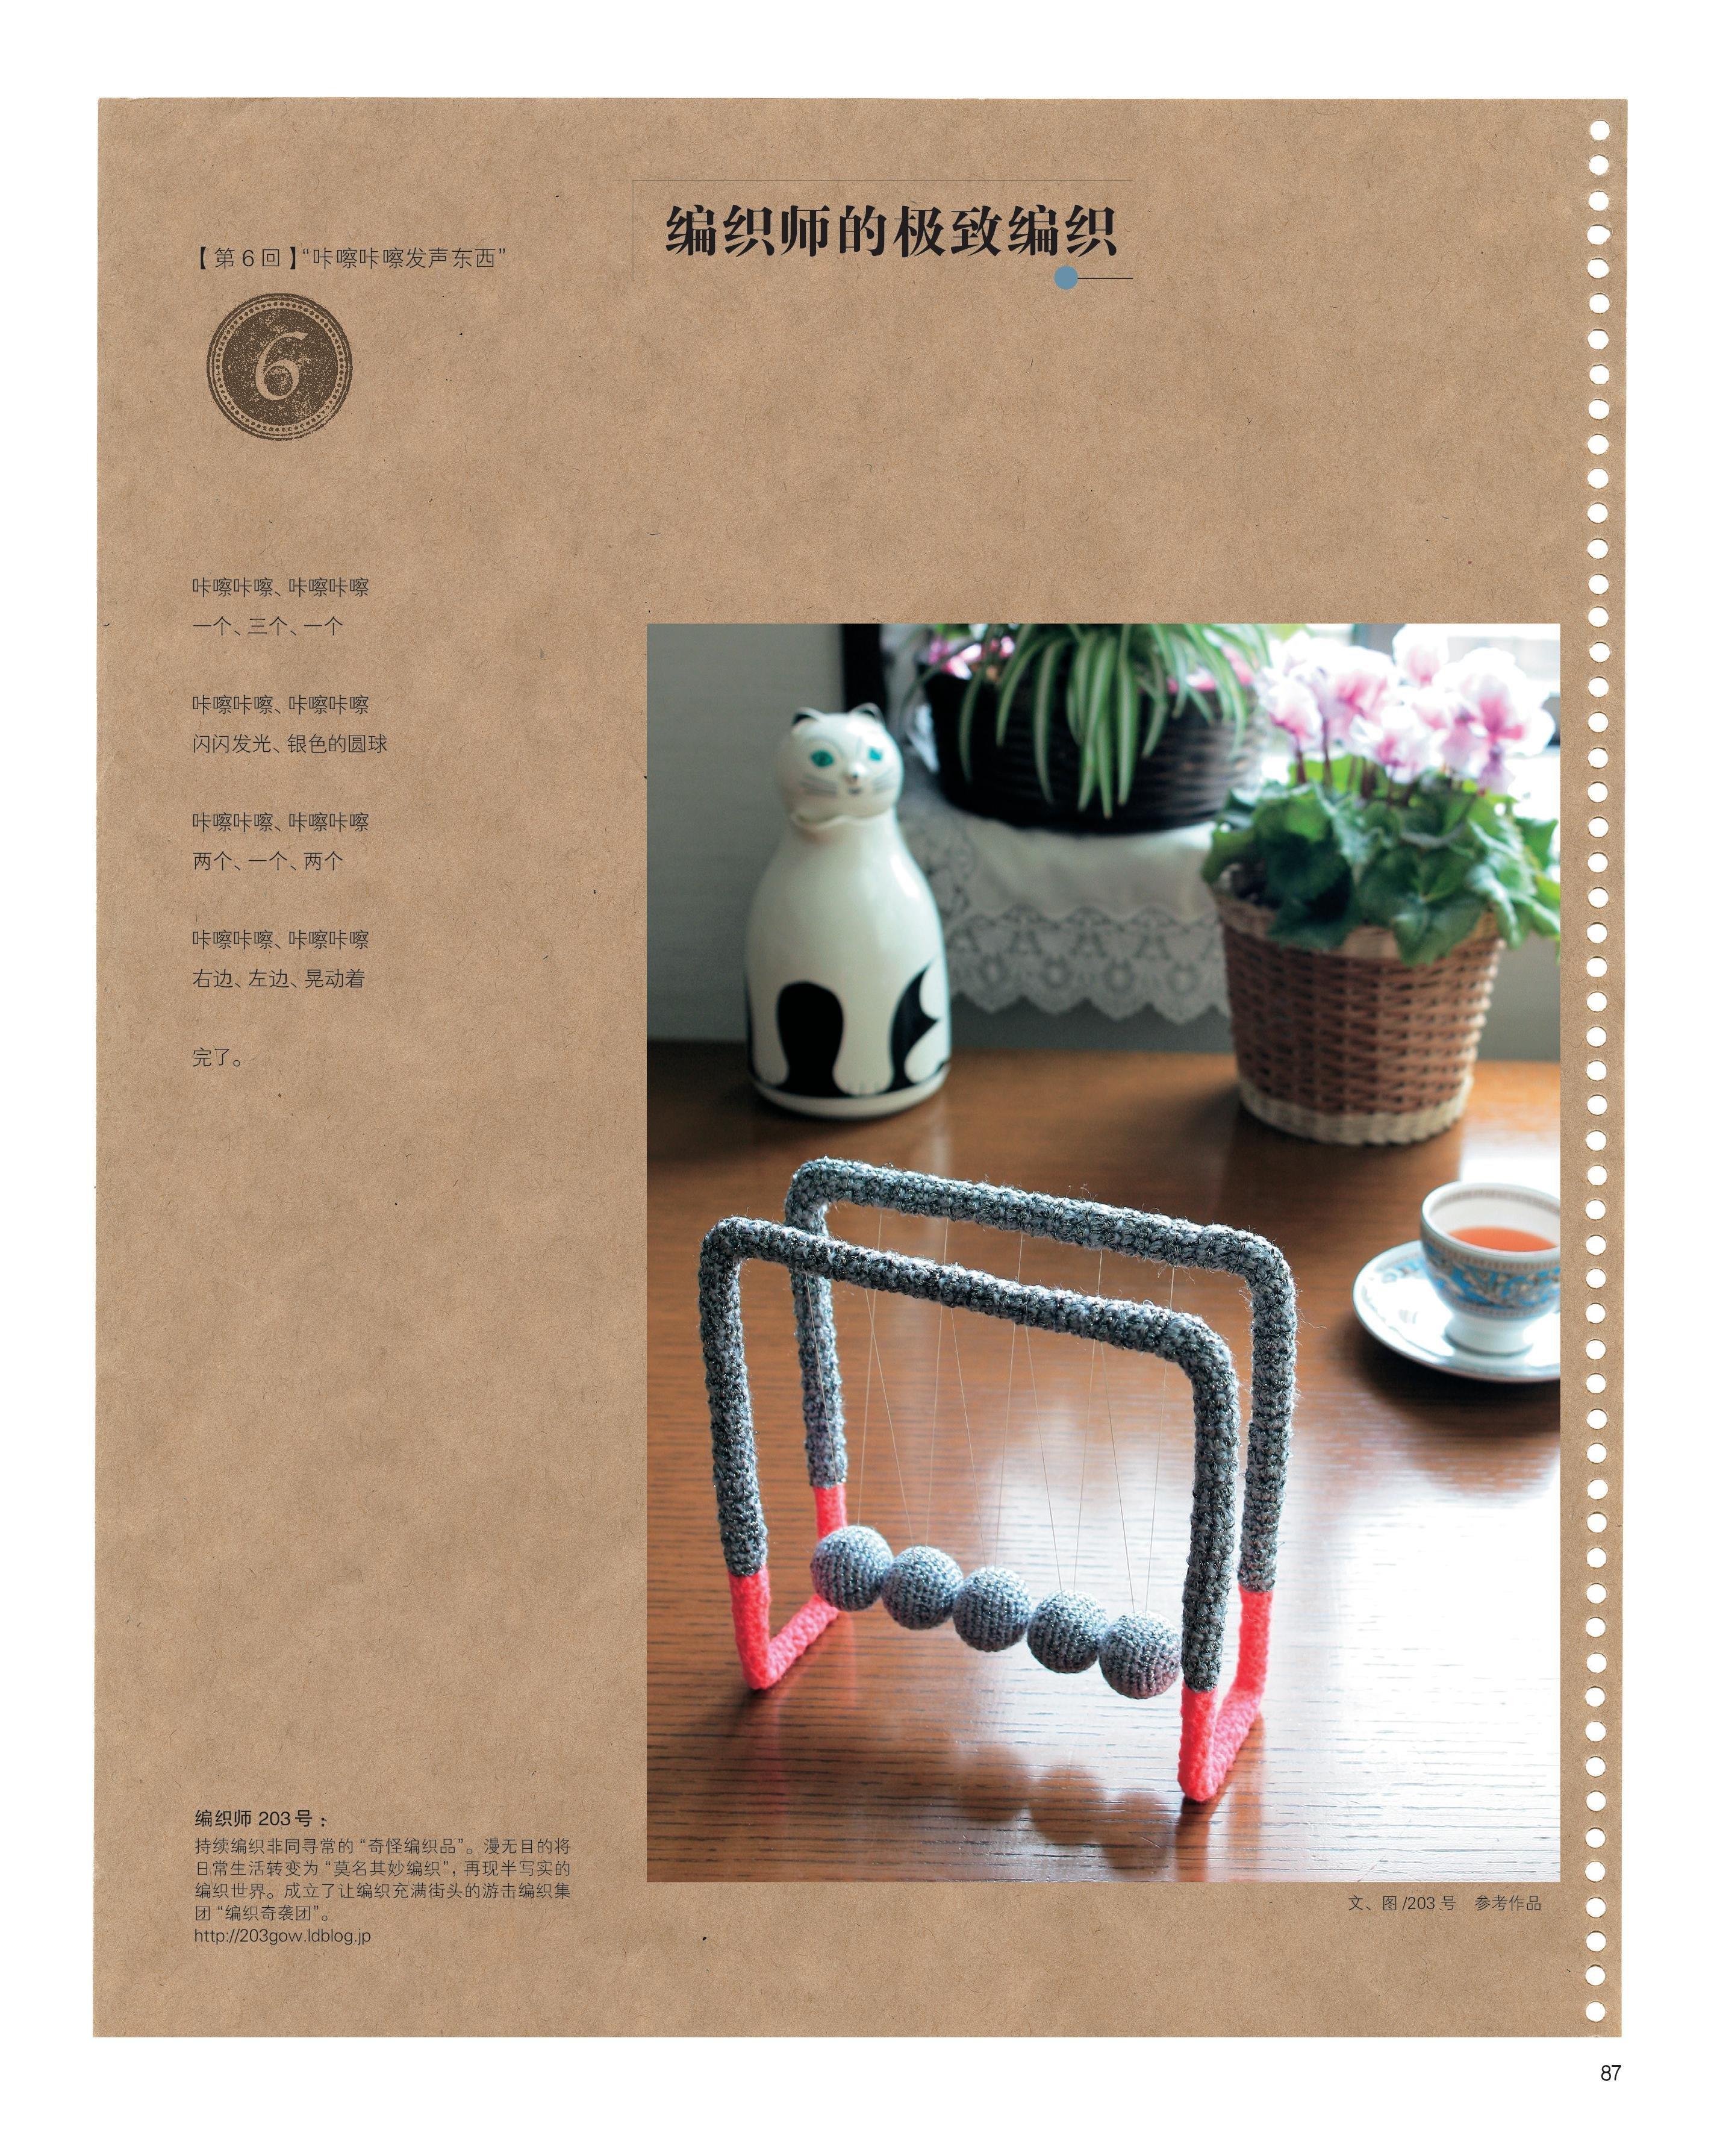 毛线球 5 编编织师的极致编织.jpg